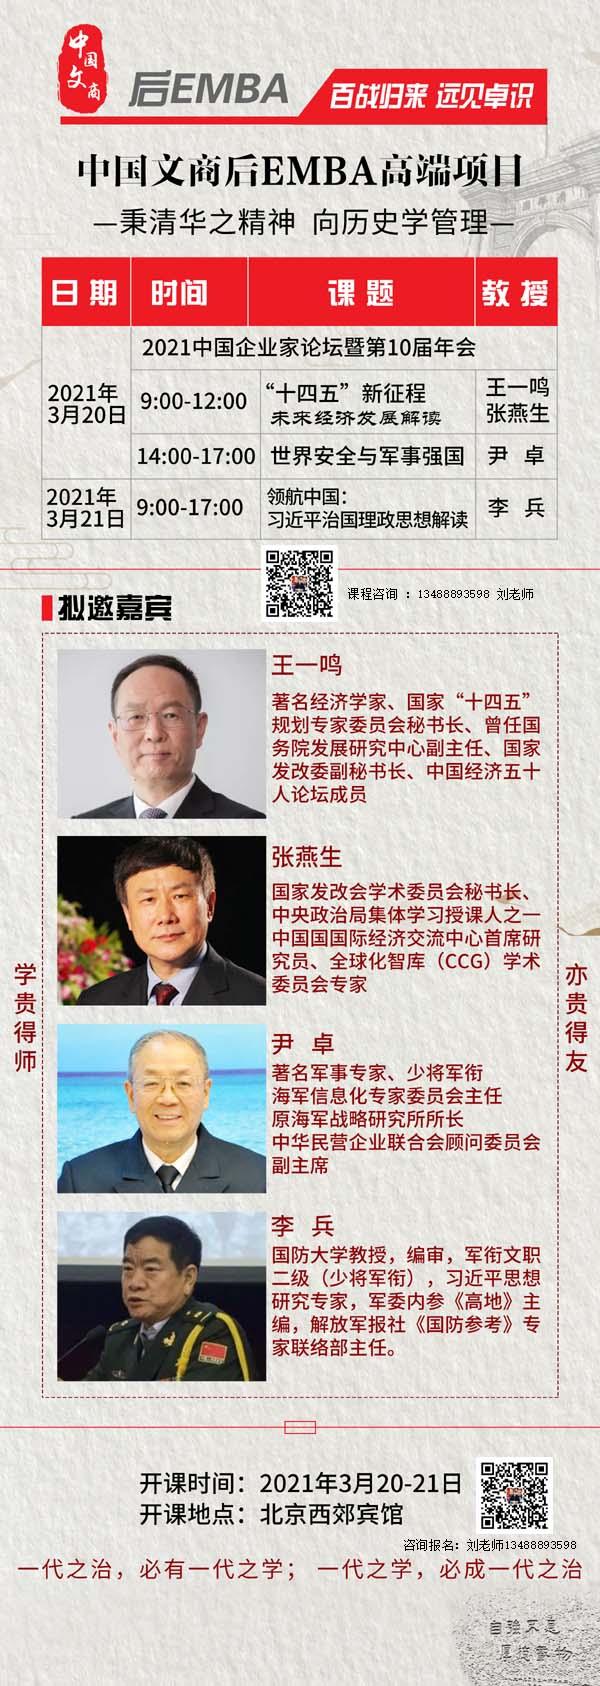 3月20日中国文商领袖后EMBA高端项目课程表